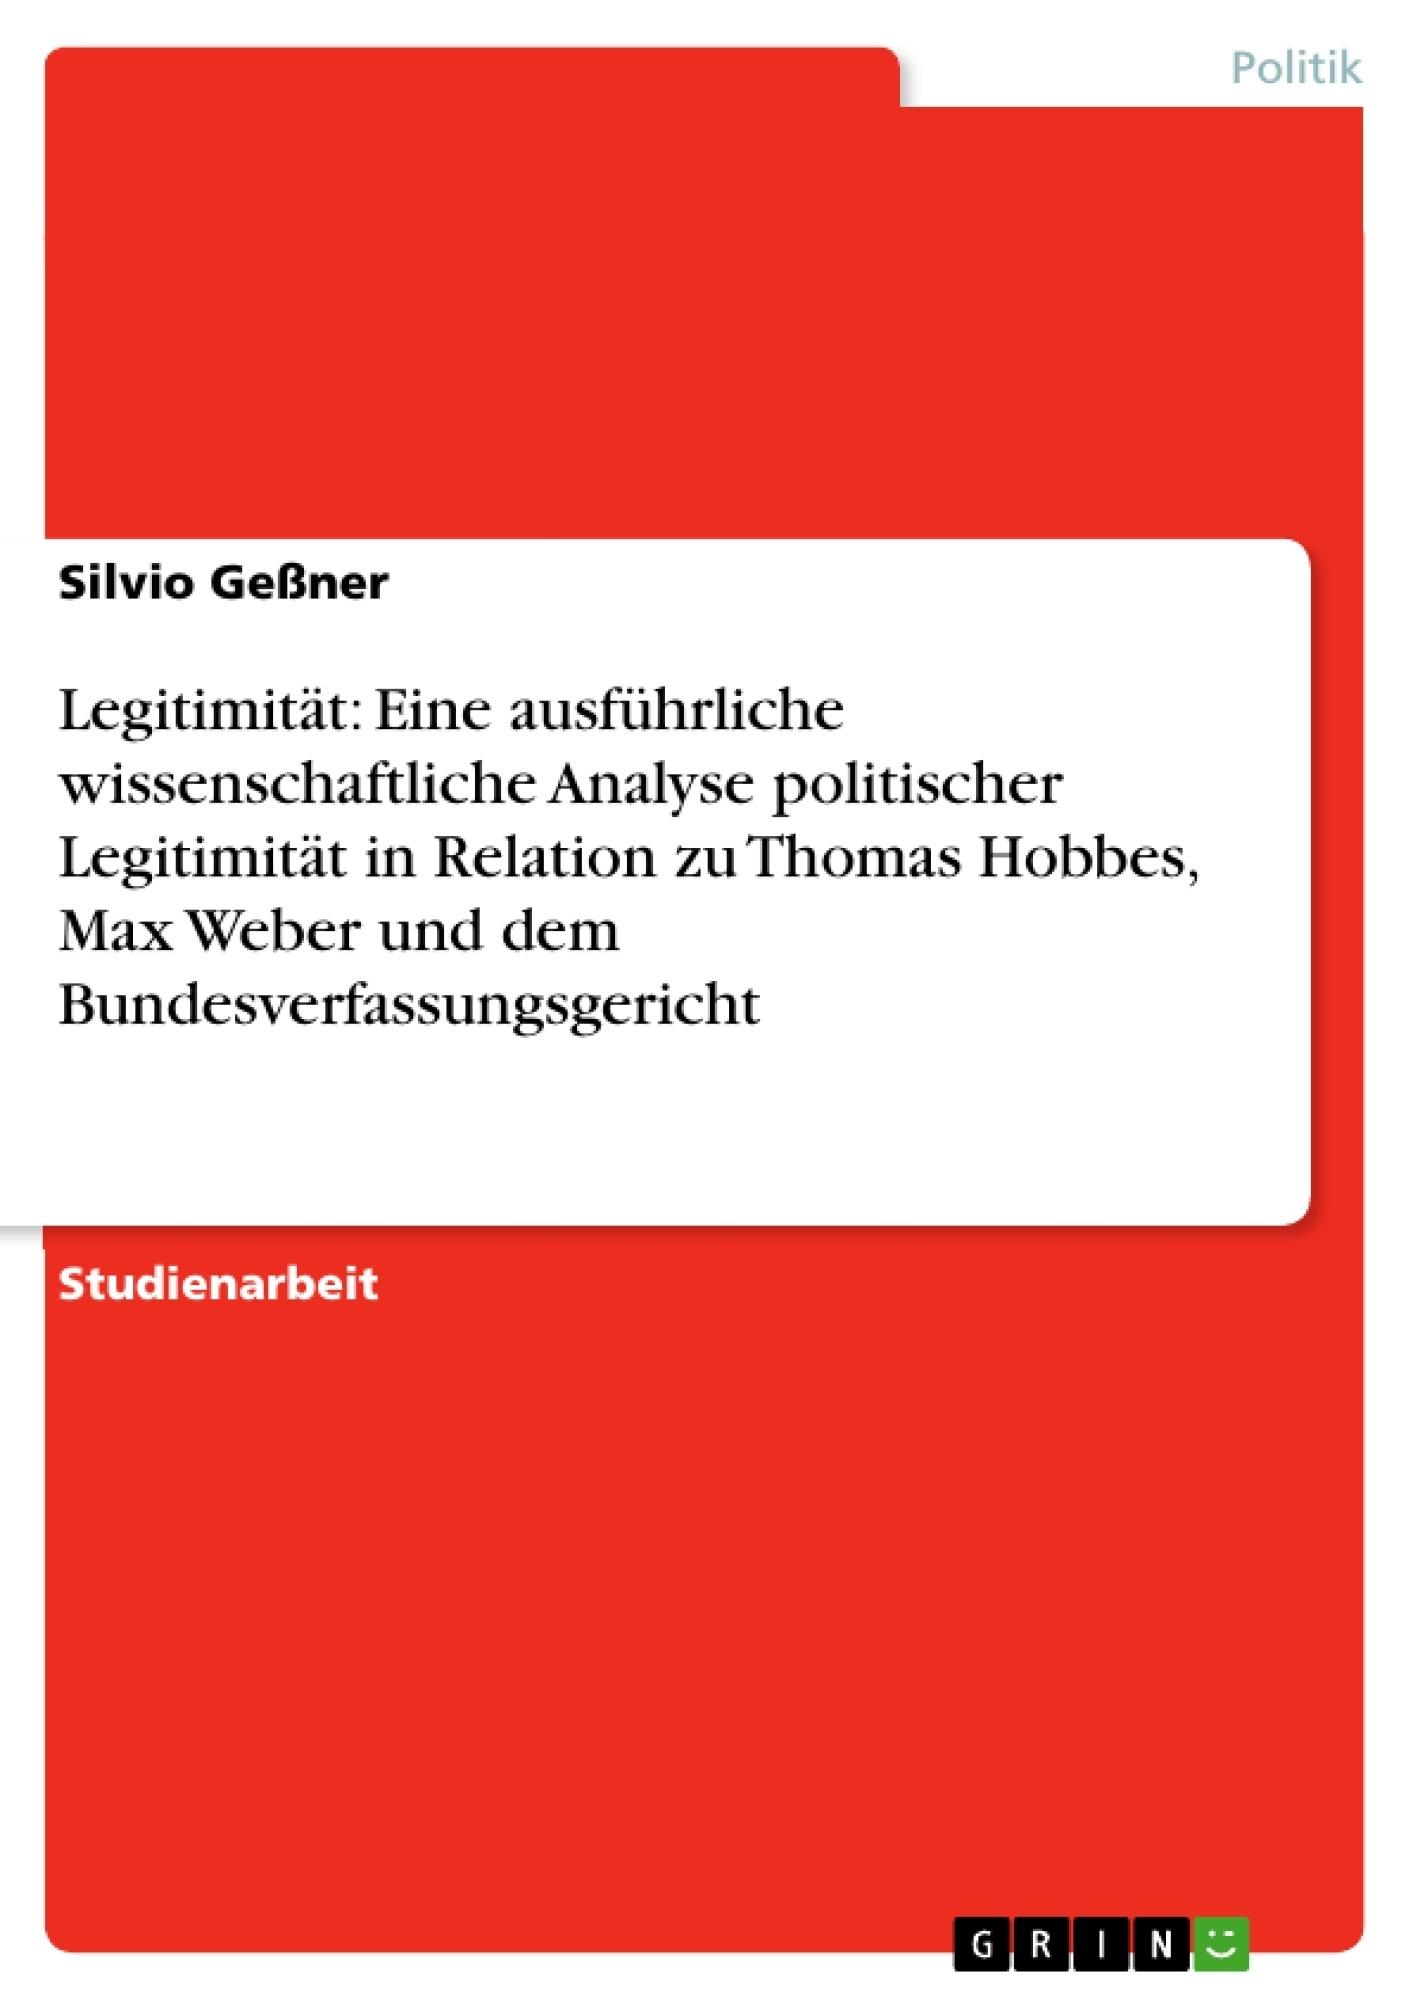 Titel: Legitimität: Eine ausführliche wissenschaftliche Analyse politischer Legitimität in Relation zu Thomas Hobbes, Max Weber und dem Bundesverfassungsgericht